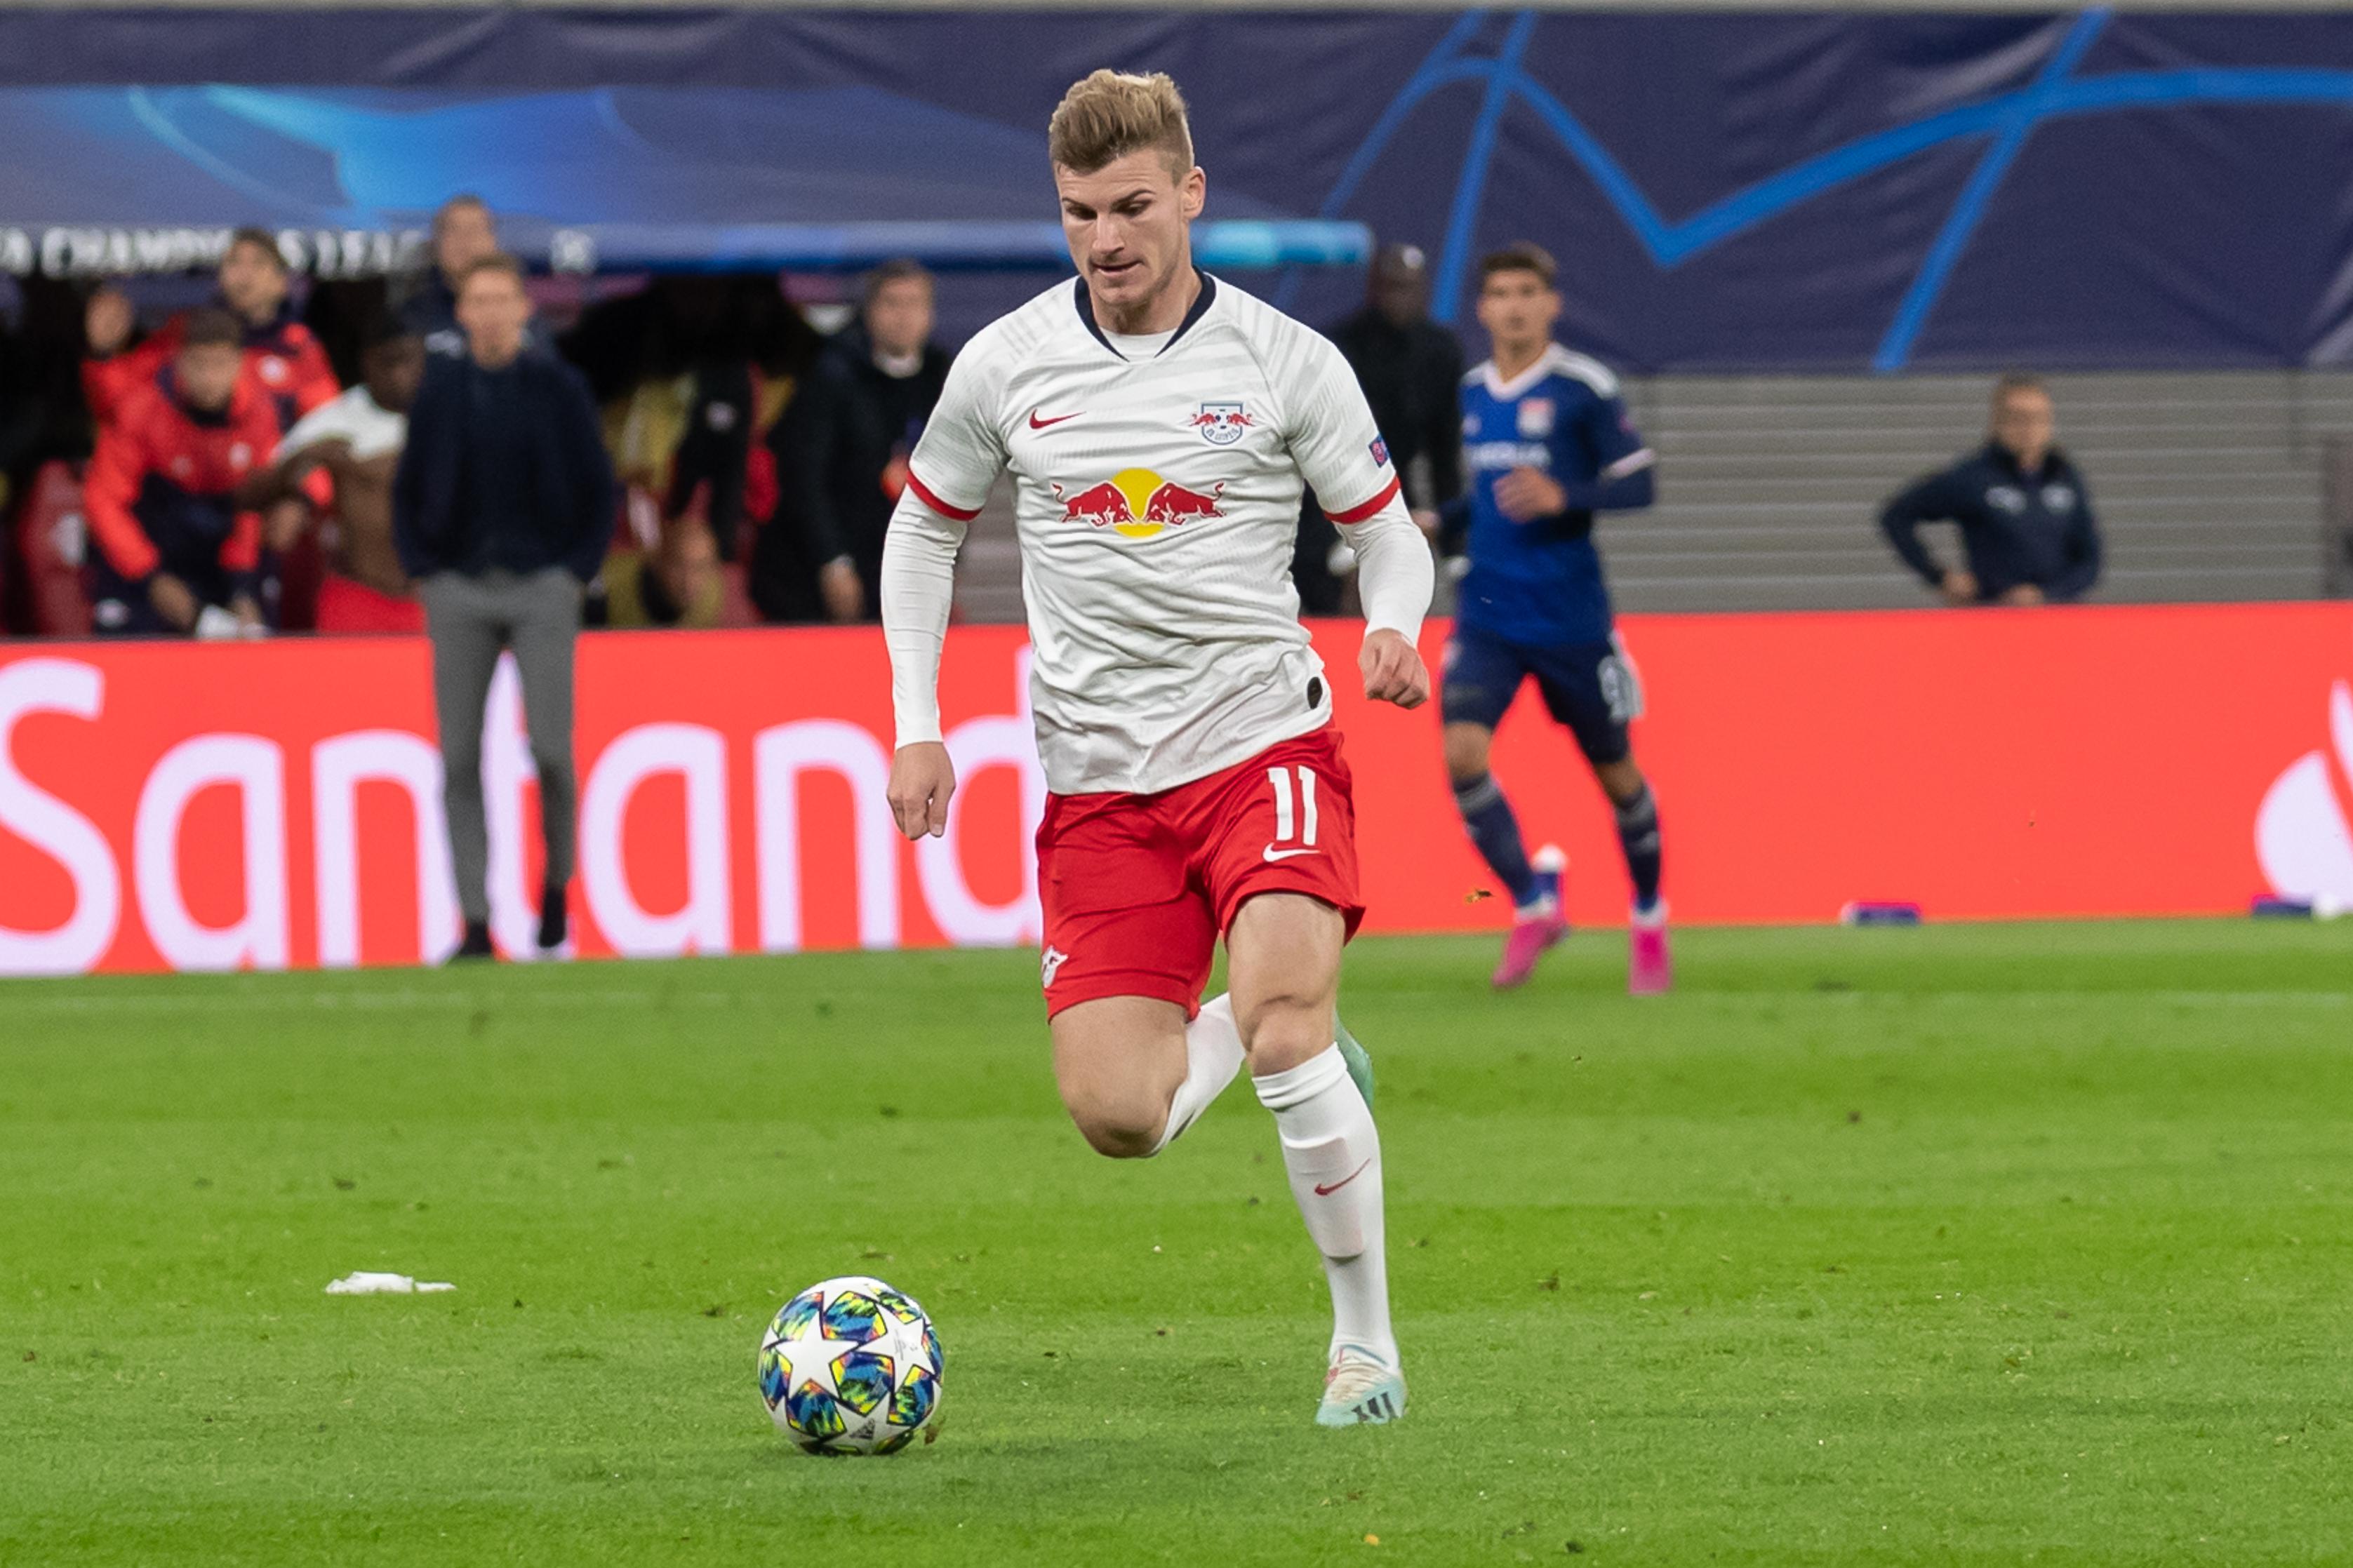 File:20191002 Fußball, Männer, UEFA Champions League, RB Leipzig ...